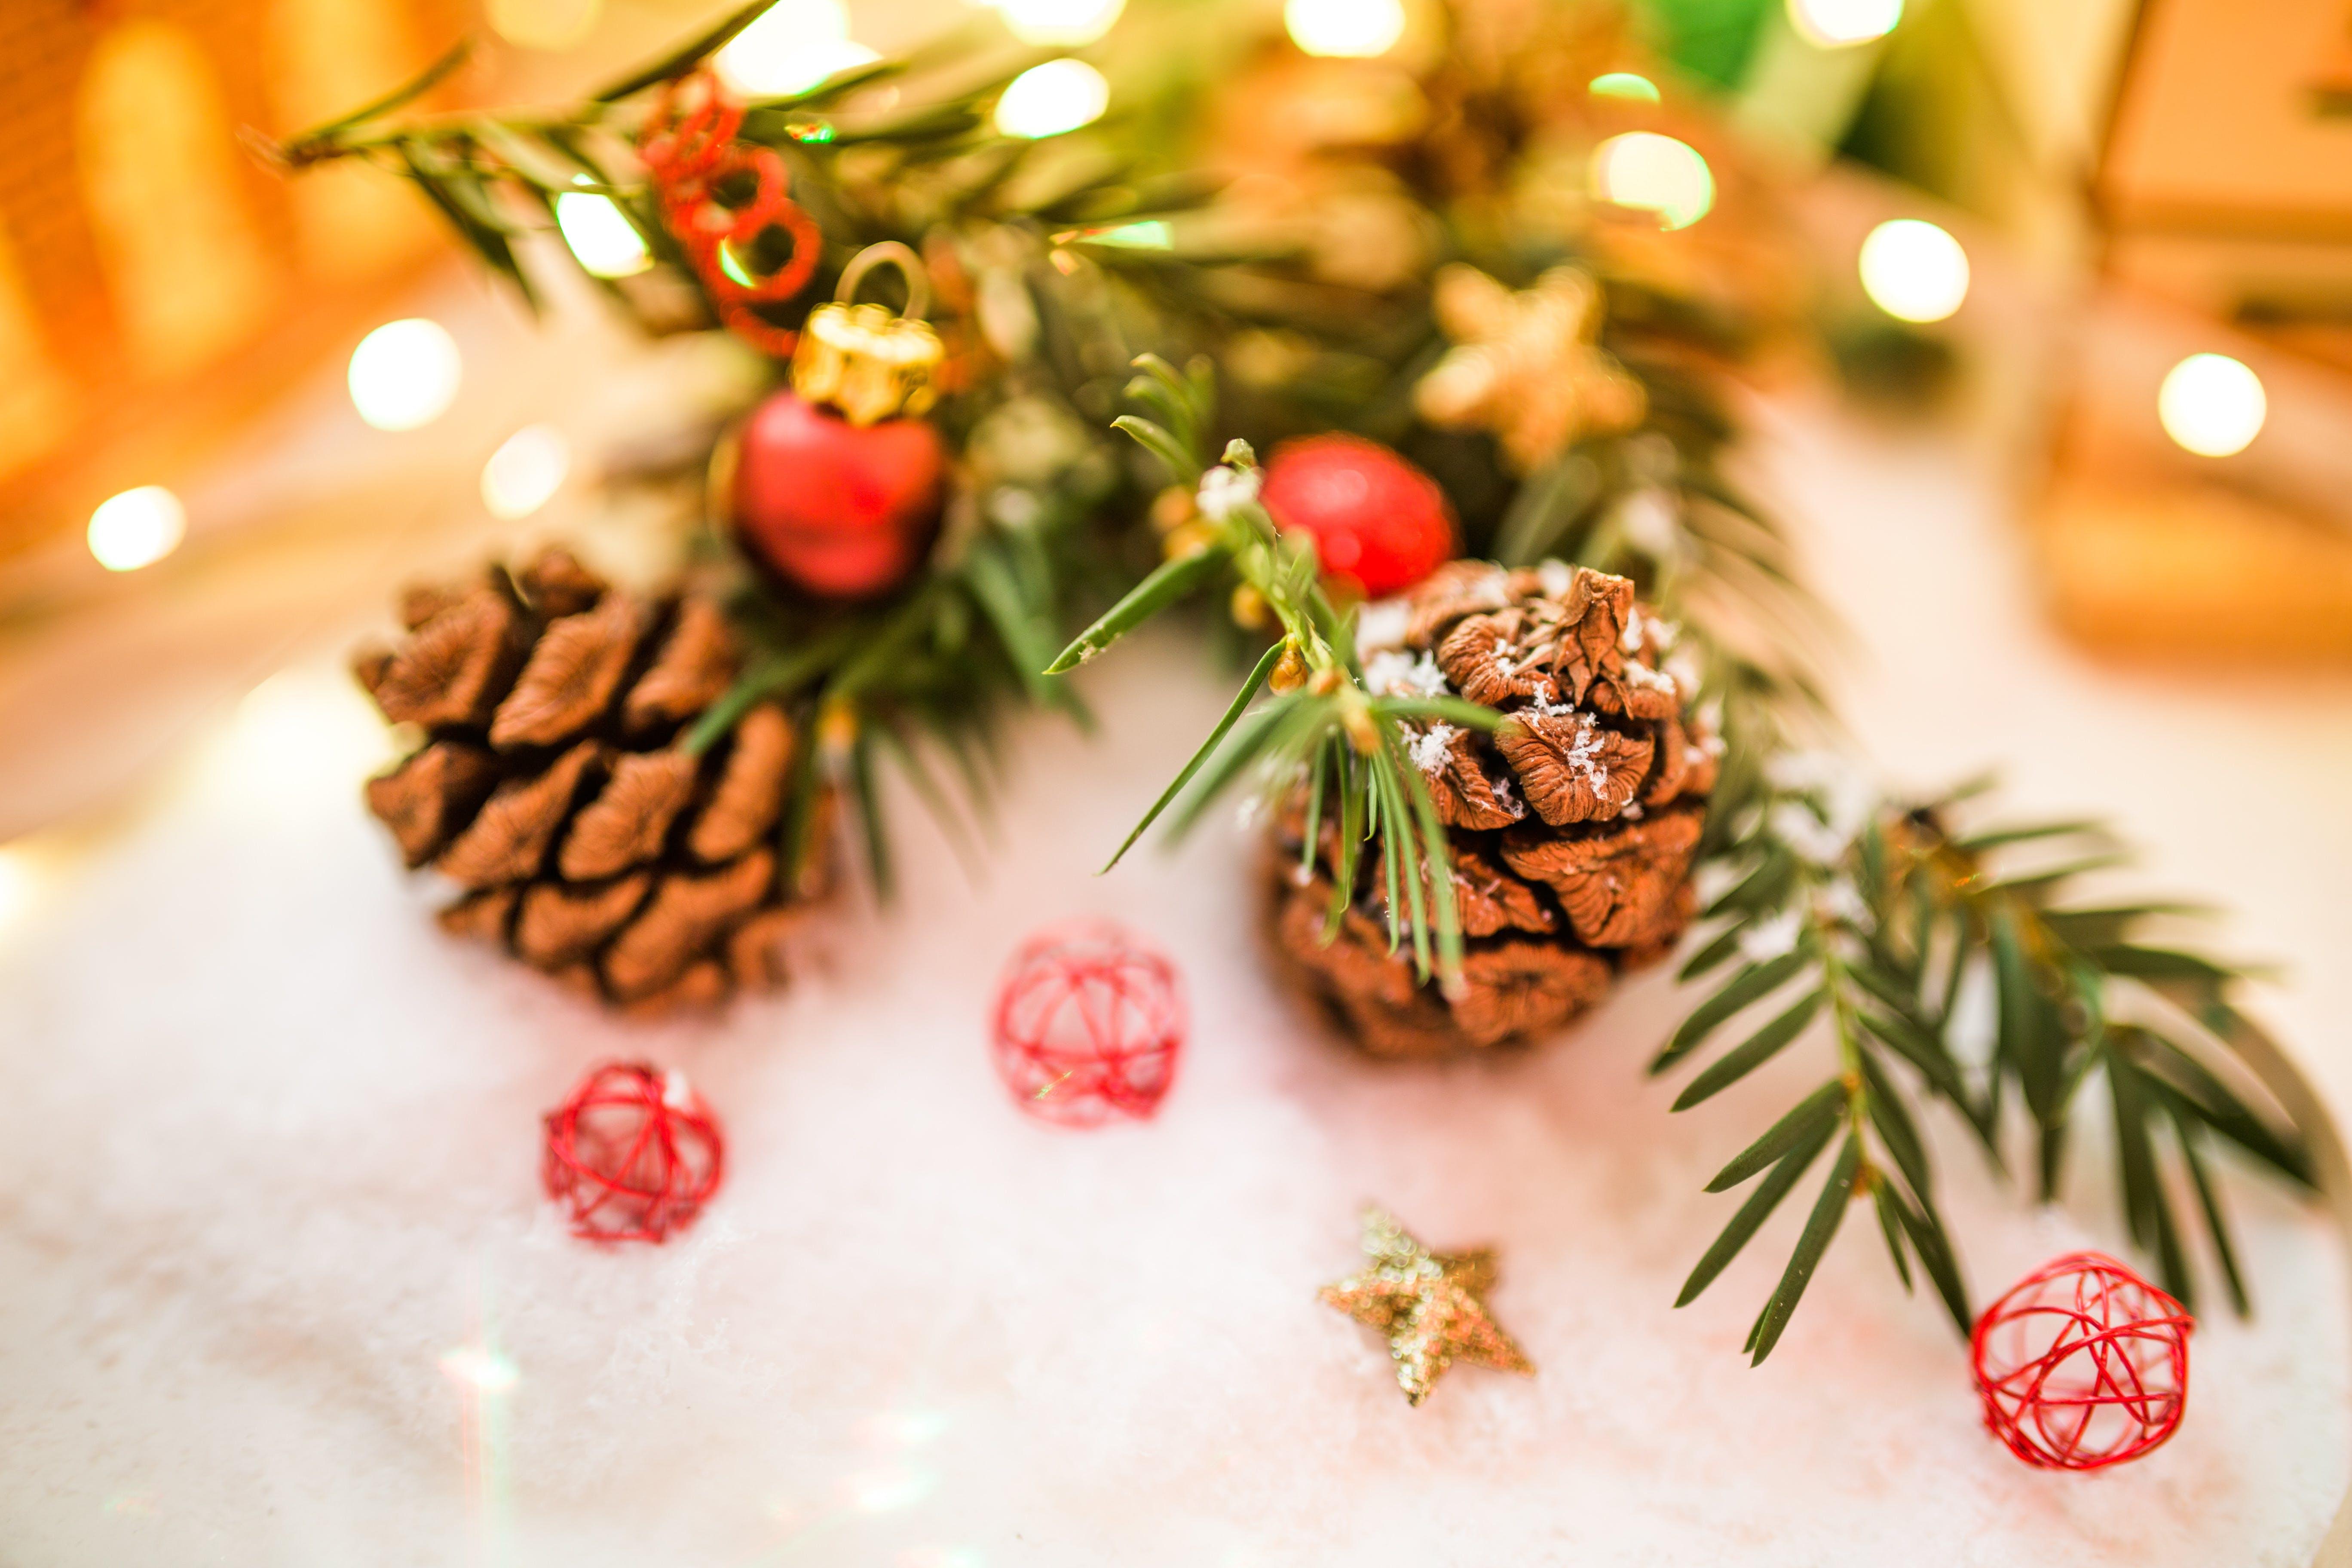 Δωρεάν στοκ φωτογραφιών με βάθος πεδίου, χειμώνας, Χριστούγεννα, Χριστουγεννιάτικη διακόσμηση